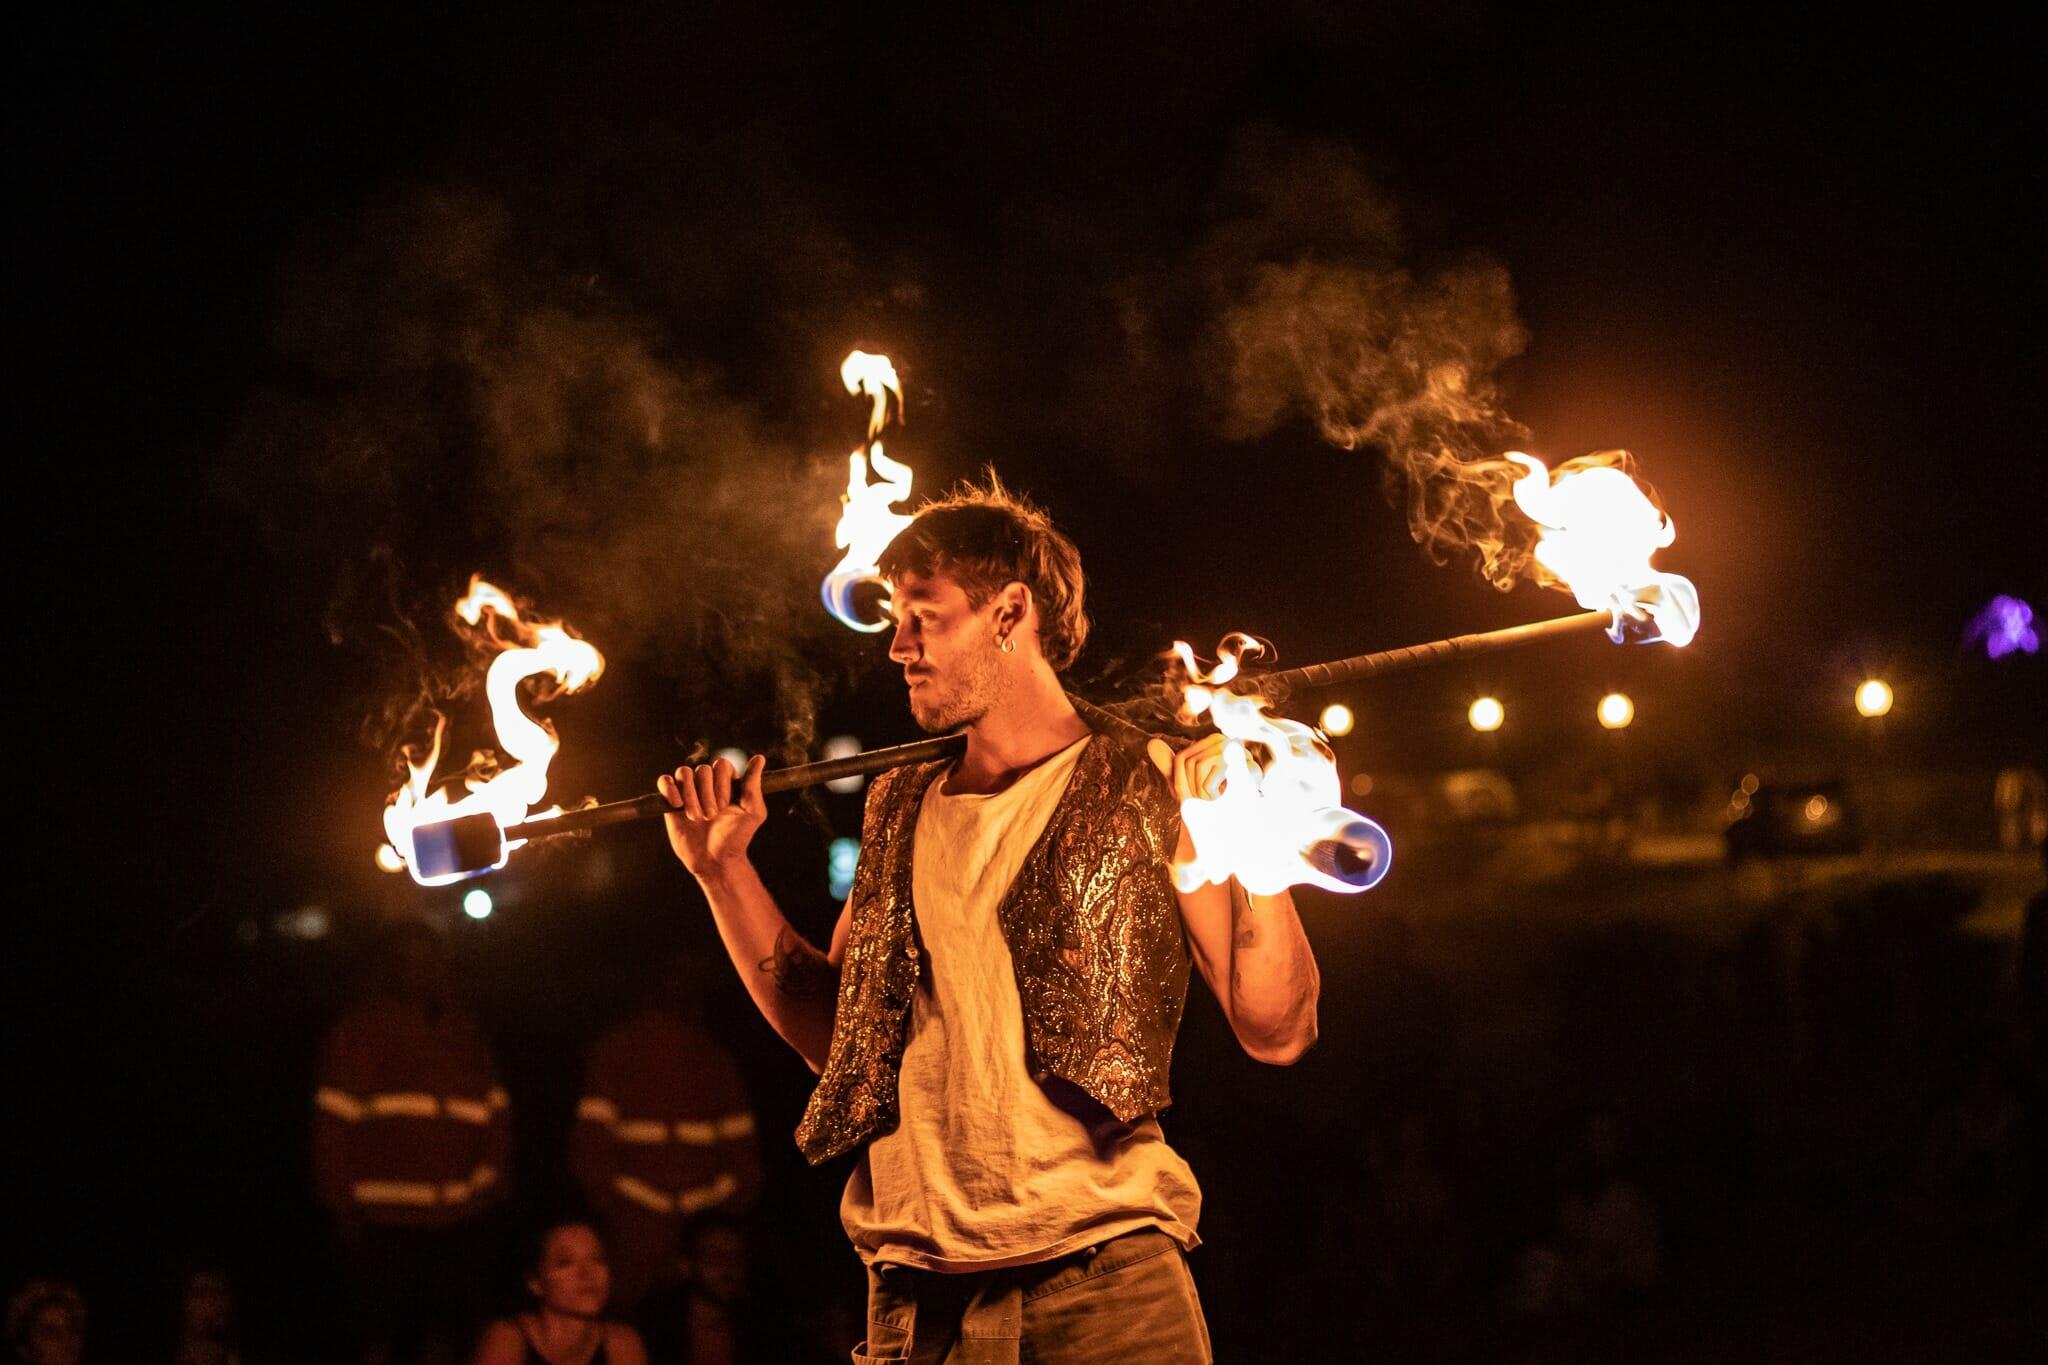 Nicola Colleoni Performarte – performer – fuoco – bastoni – wao festival